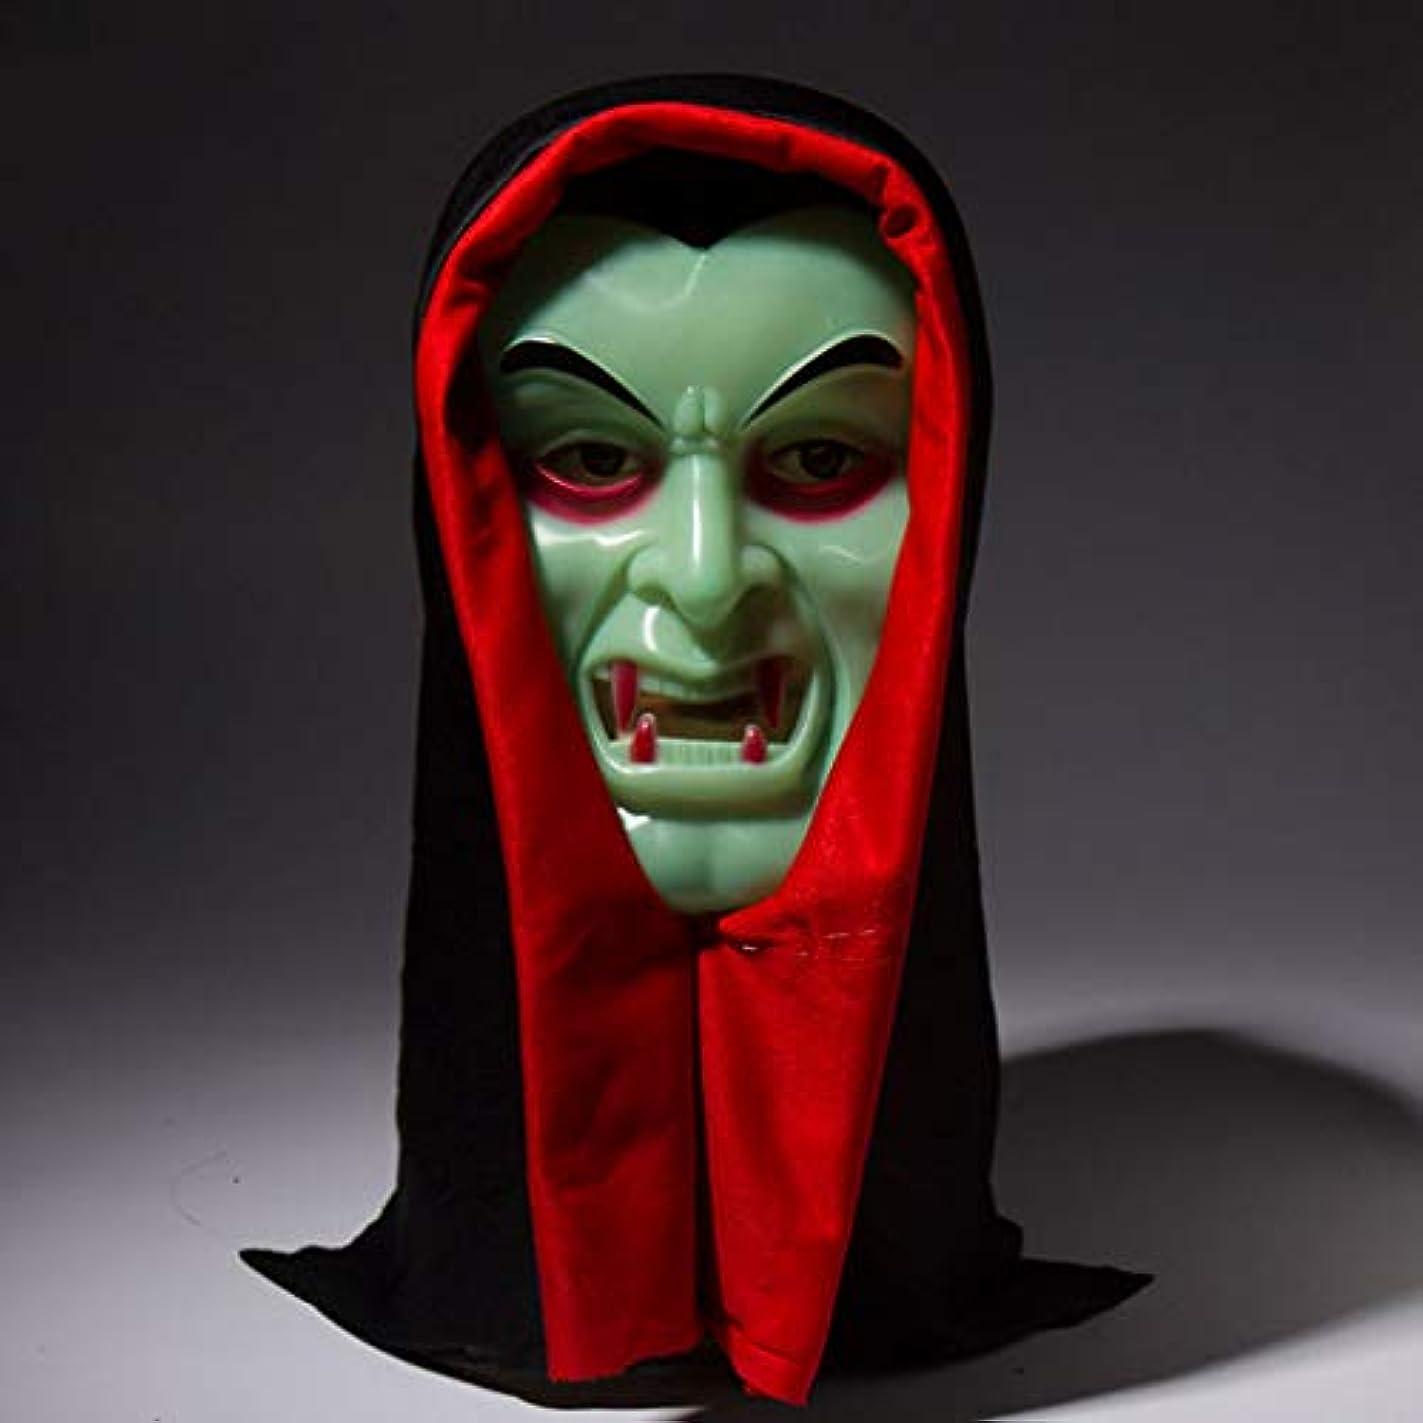 最大の麻痺させるジュラシックパークハロウィーン悲鳴悪魔ホラーマスクしかめっ面怖いゾンビヘッドギア大人ゴーストフェスティバルボールマスク